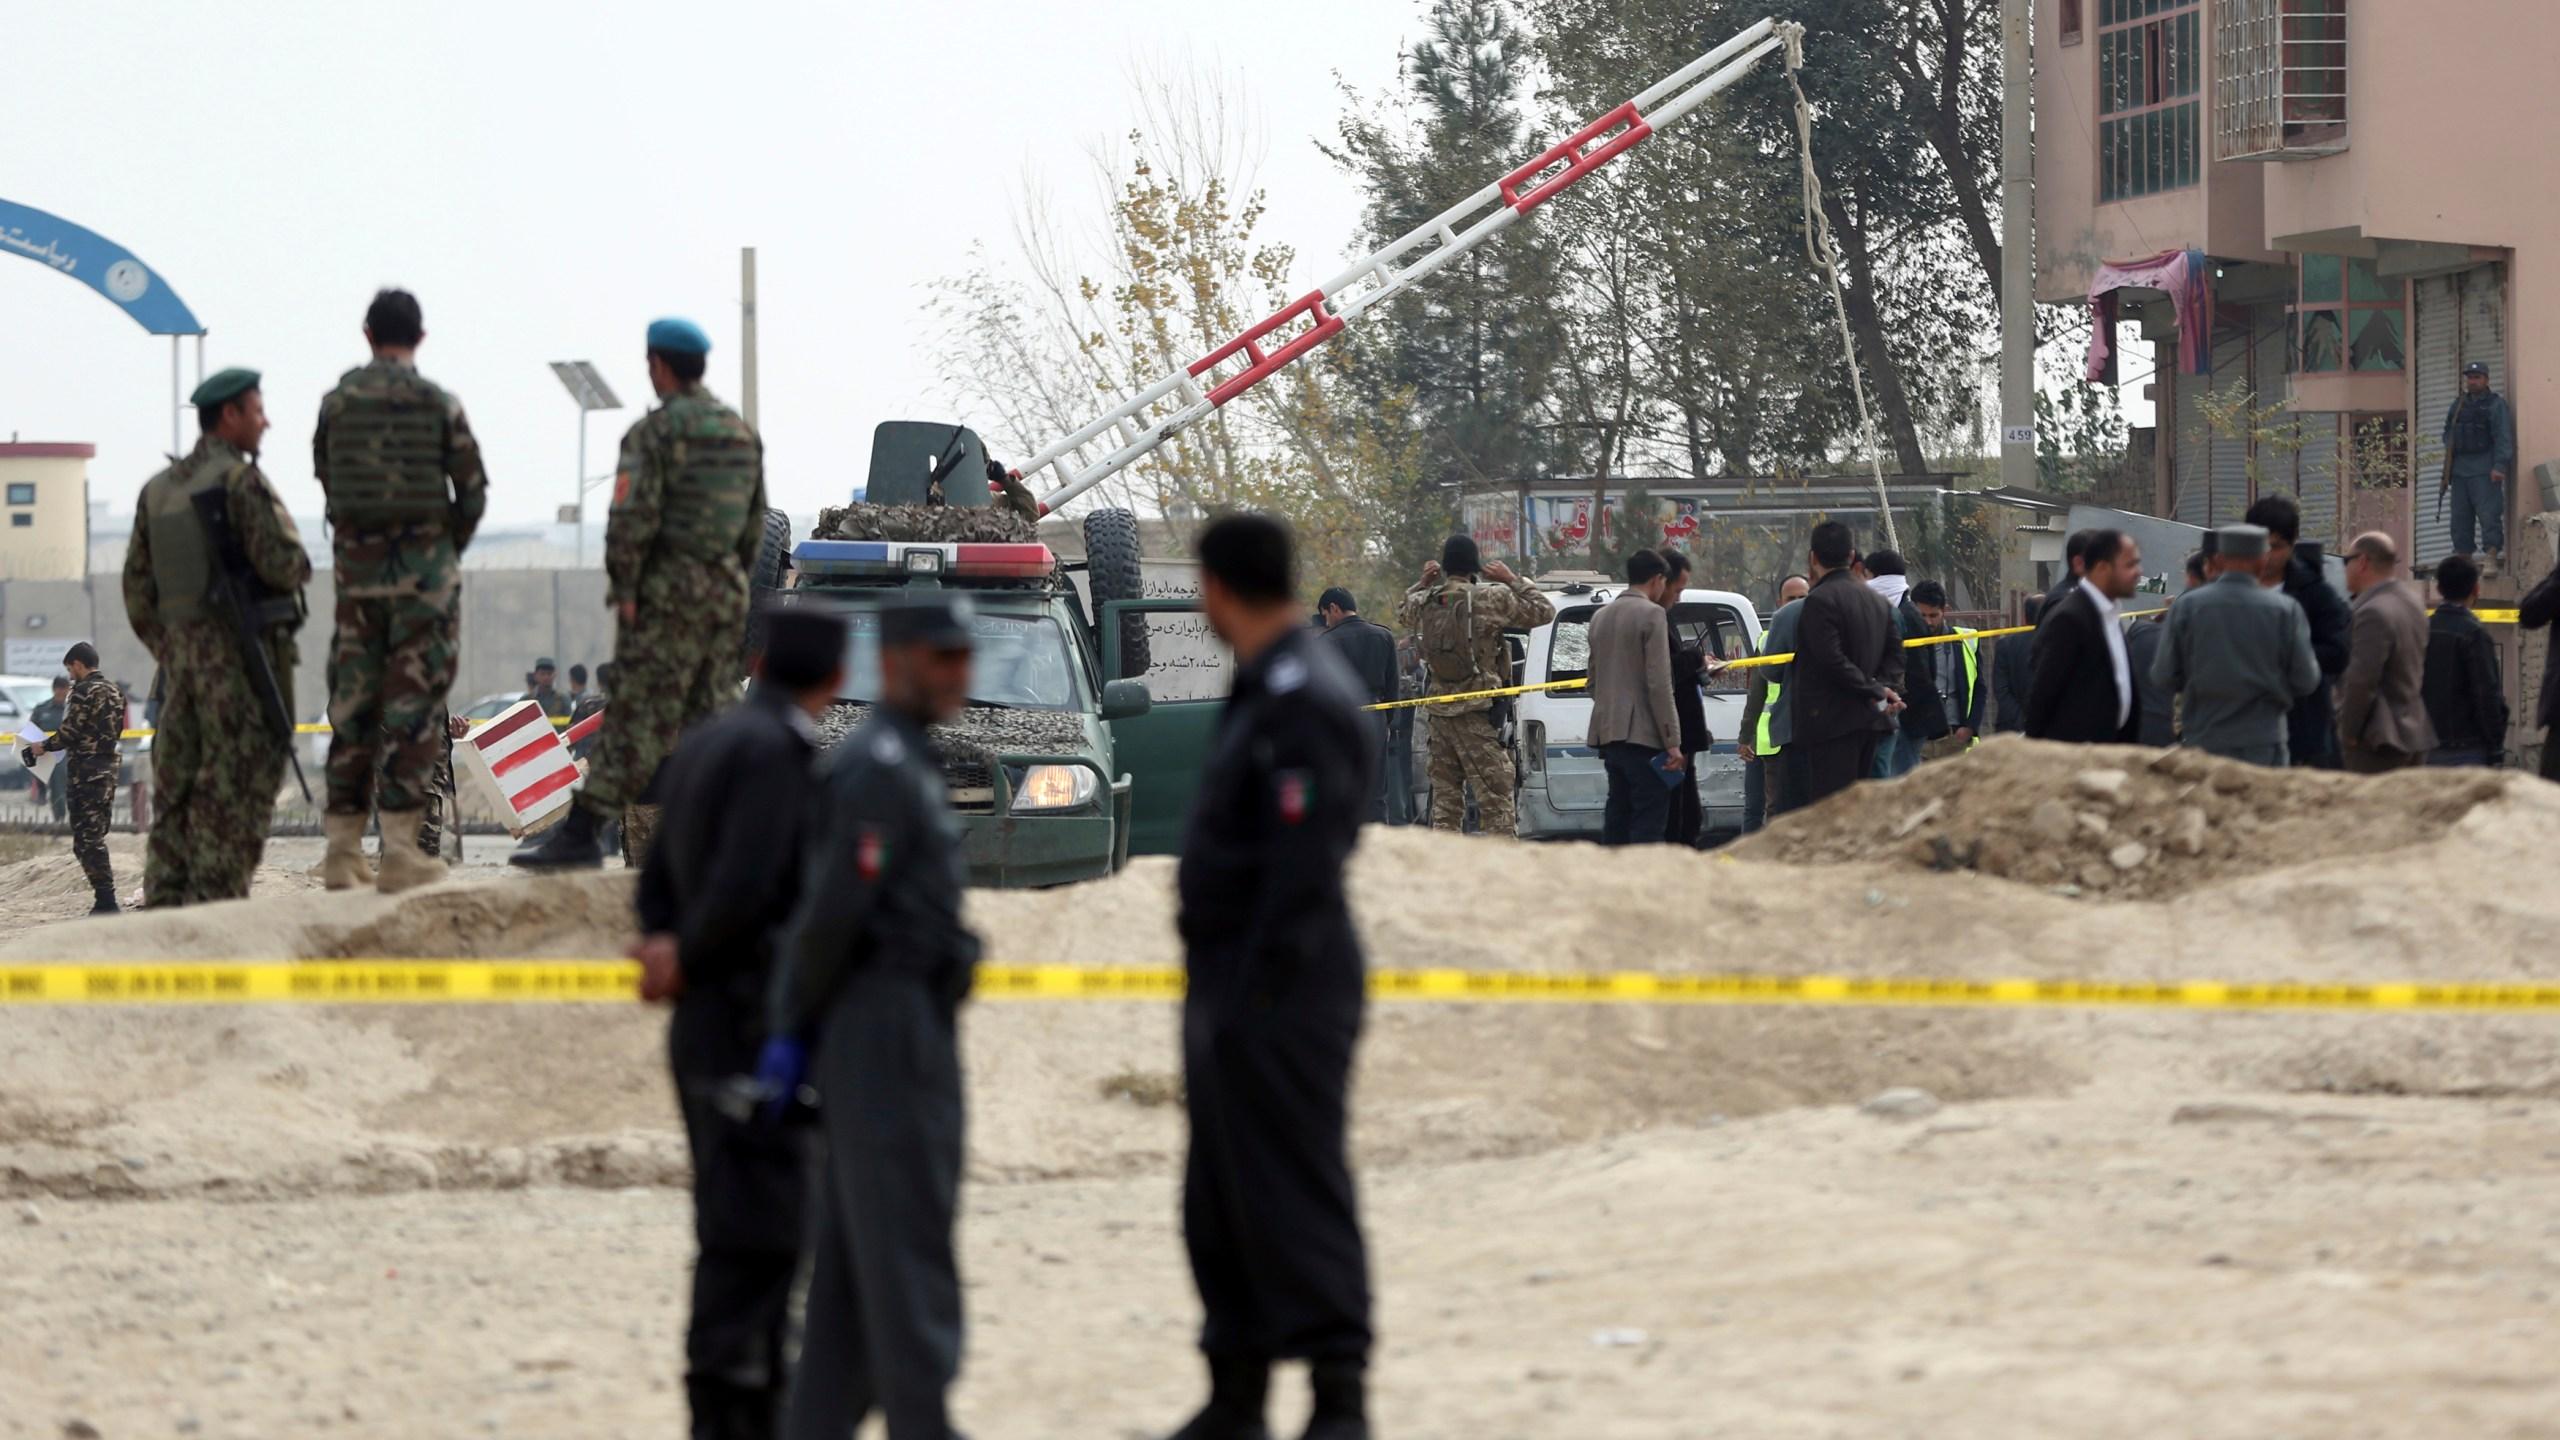 Afghanistan_31305-159532.jpg71177673